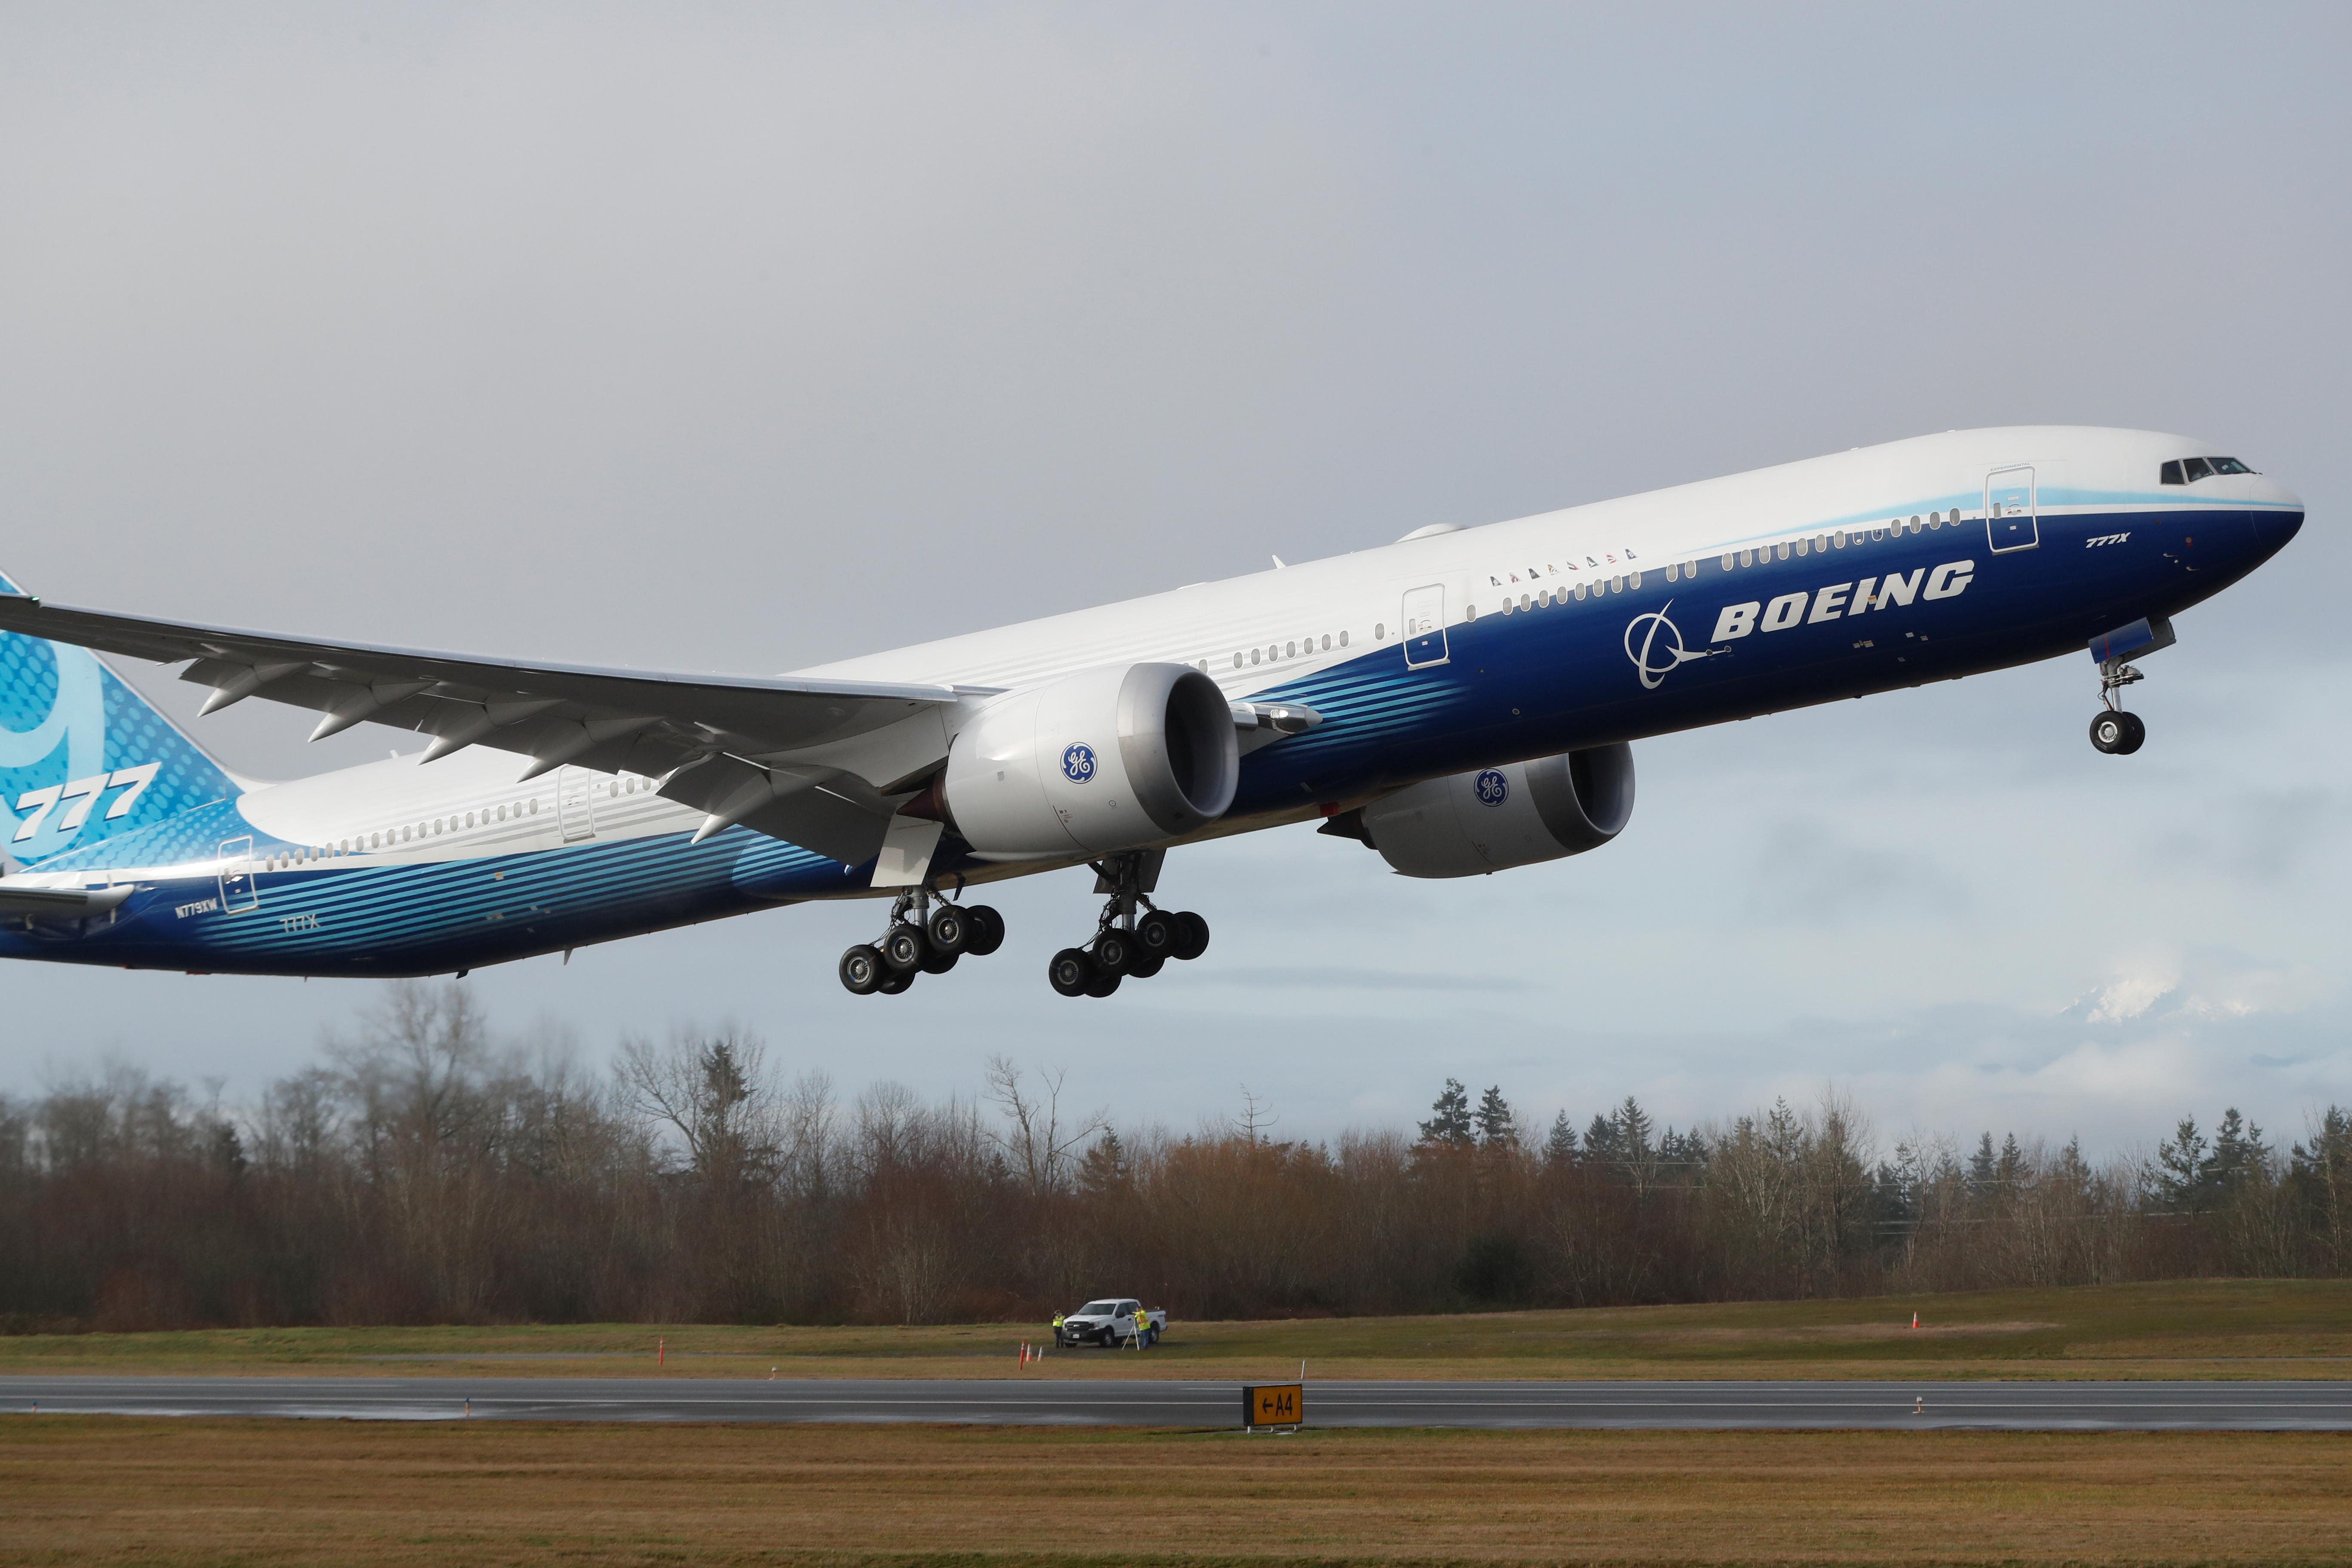 Αυτό είναι το νέο μοντέλο της Boeing! Απογειώθηκε για το παρθενικό ταξίδι - Ελπίζουμε αυτό... να τα πάει καλύτερα [pics]